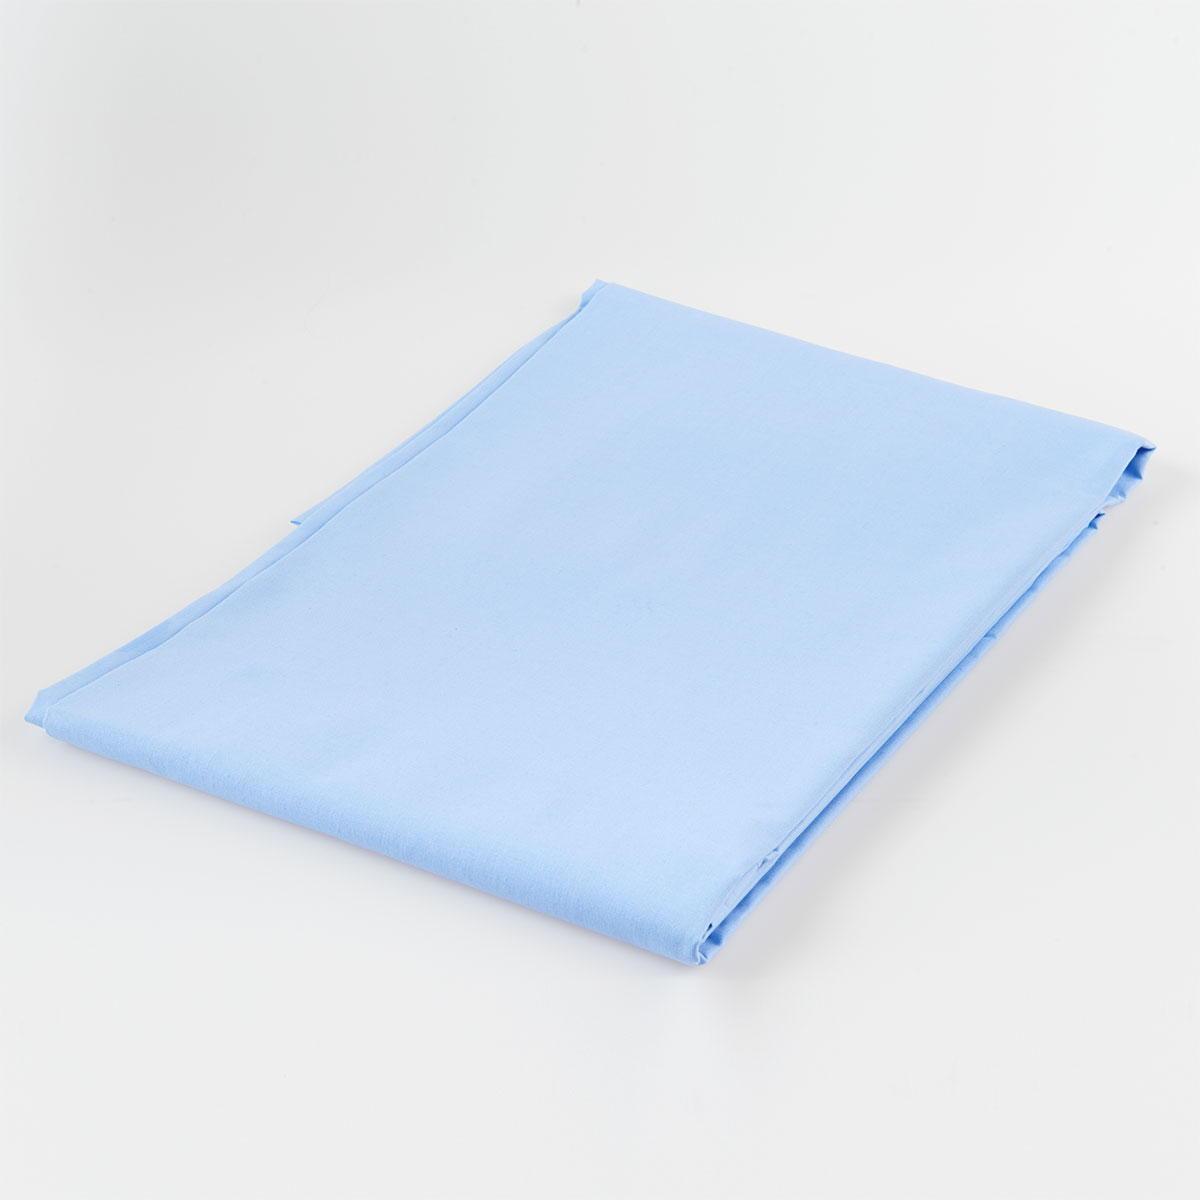 Braderie housse de couette bleue standard textile for Taille standard housse de couette